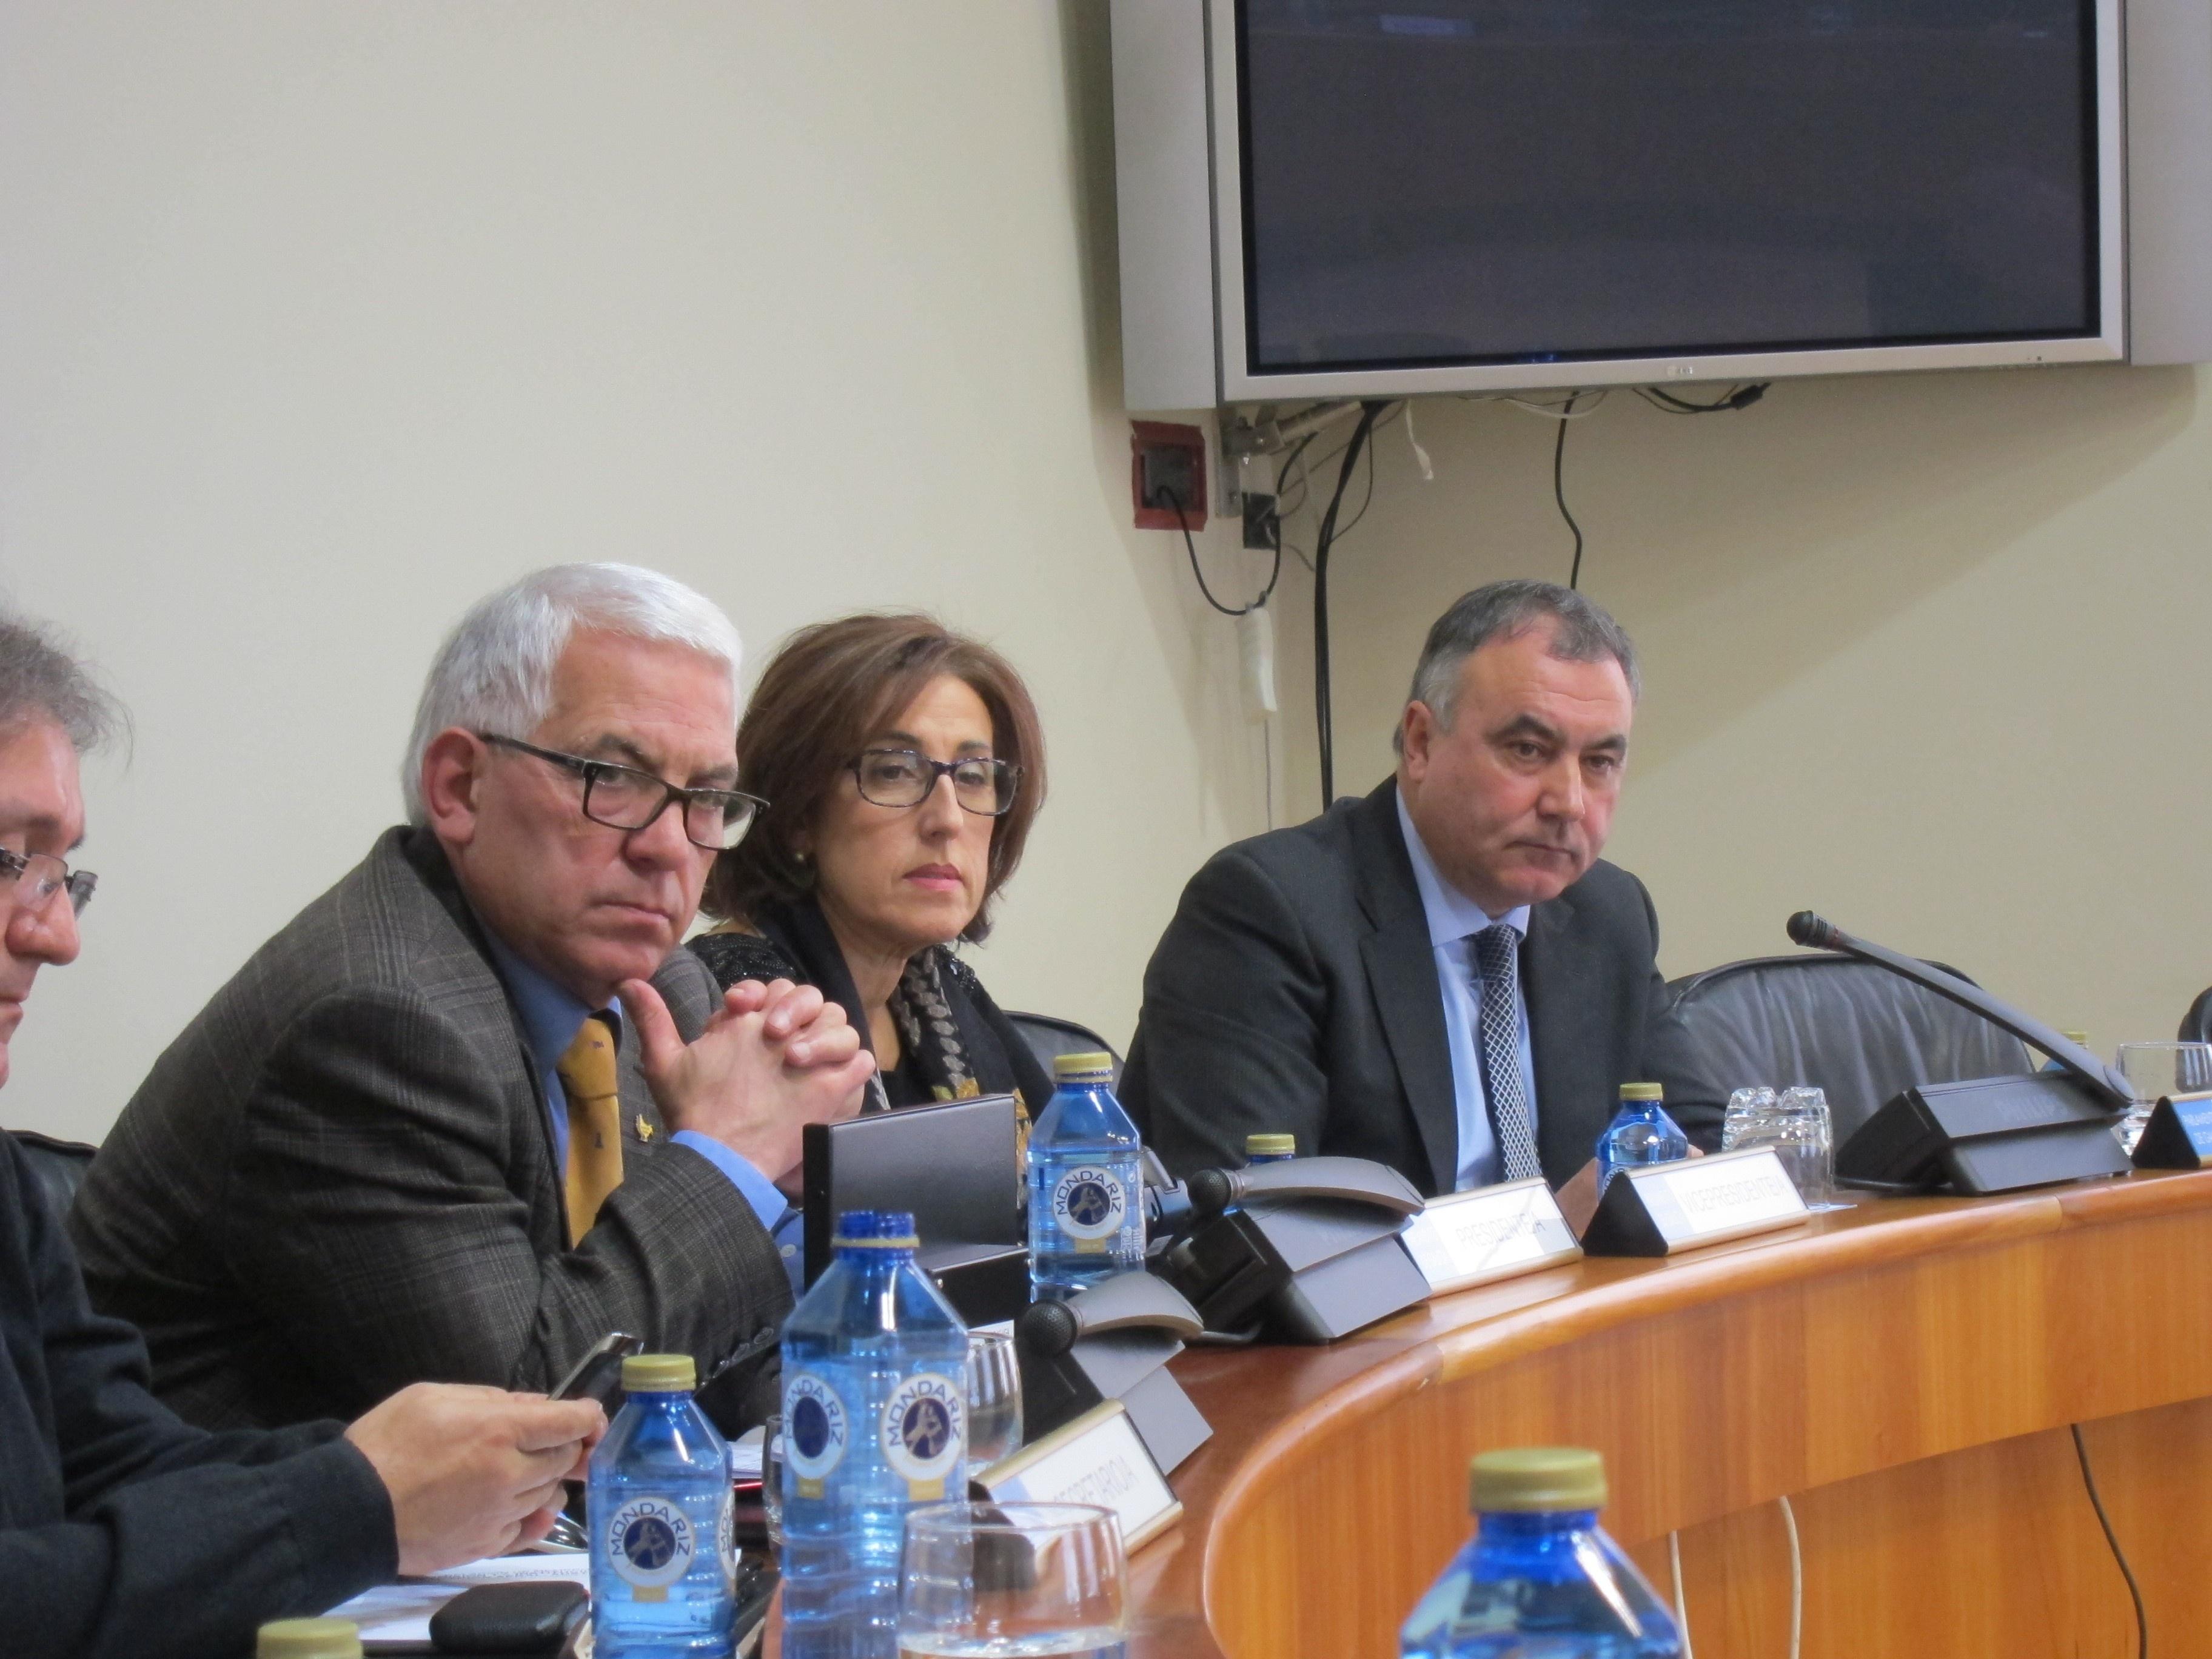 El fiscal de Galicia apuesta por «regular el indulto» para evitar decisiones «arbitrarias» del Gobierno